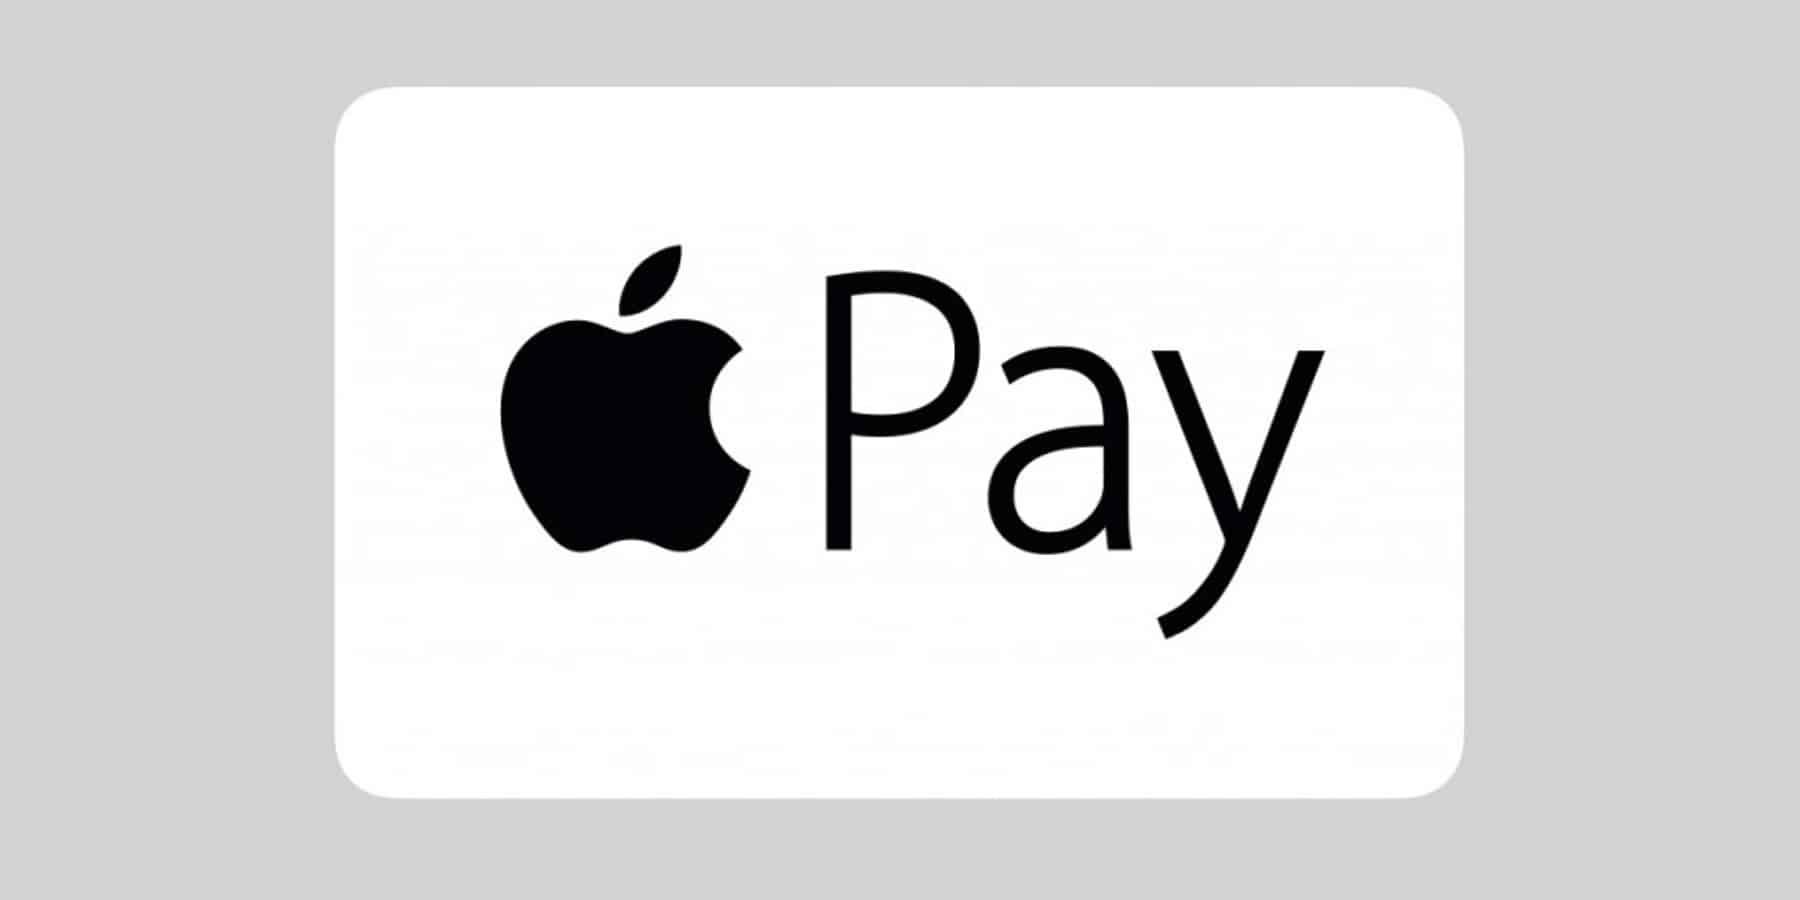 Apple Pay w PKO BP w ciągu najbliższych tygodni. Co z innymi bankami?